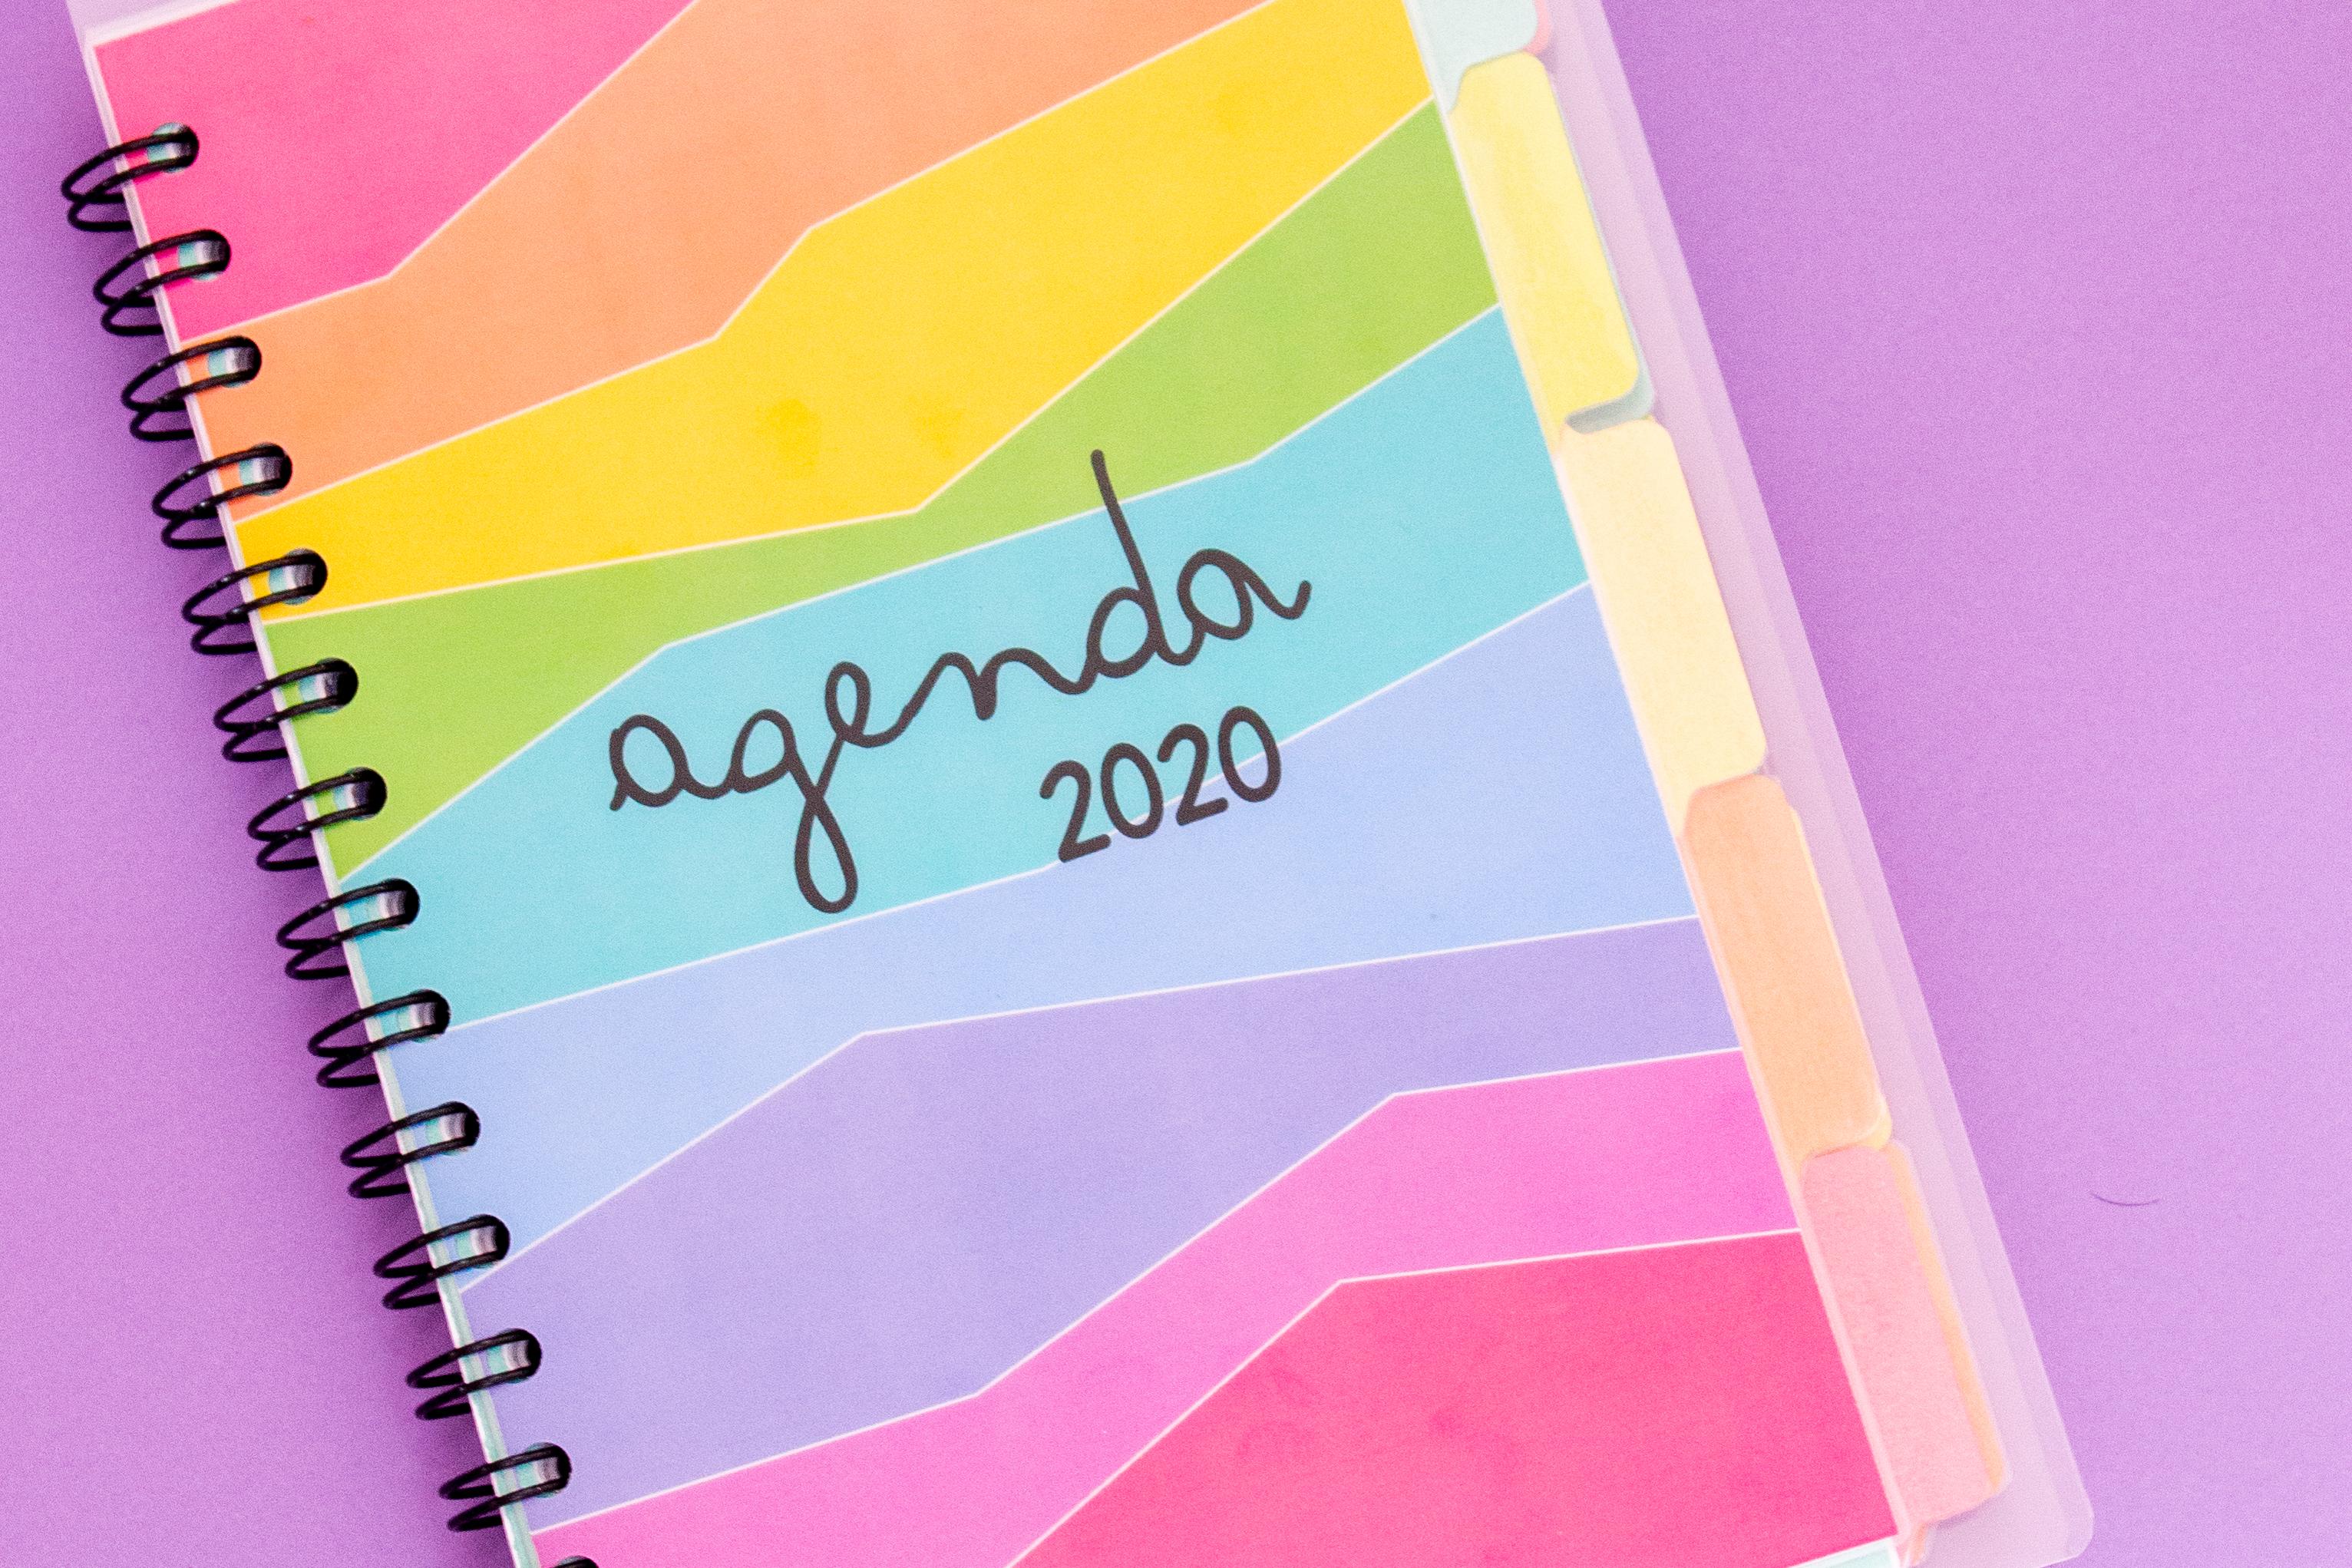 Agenda 2020 Descargala Gratis Sayil Diy